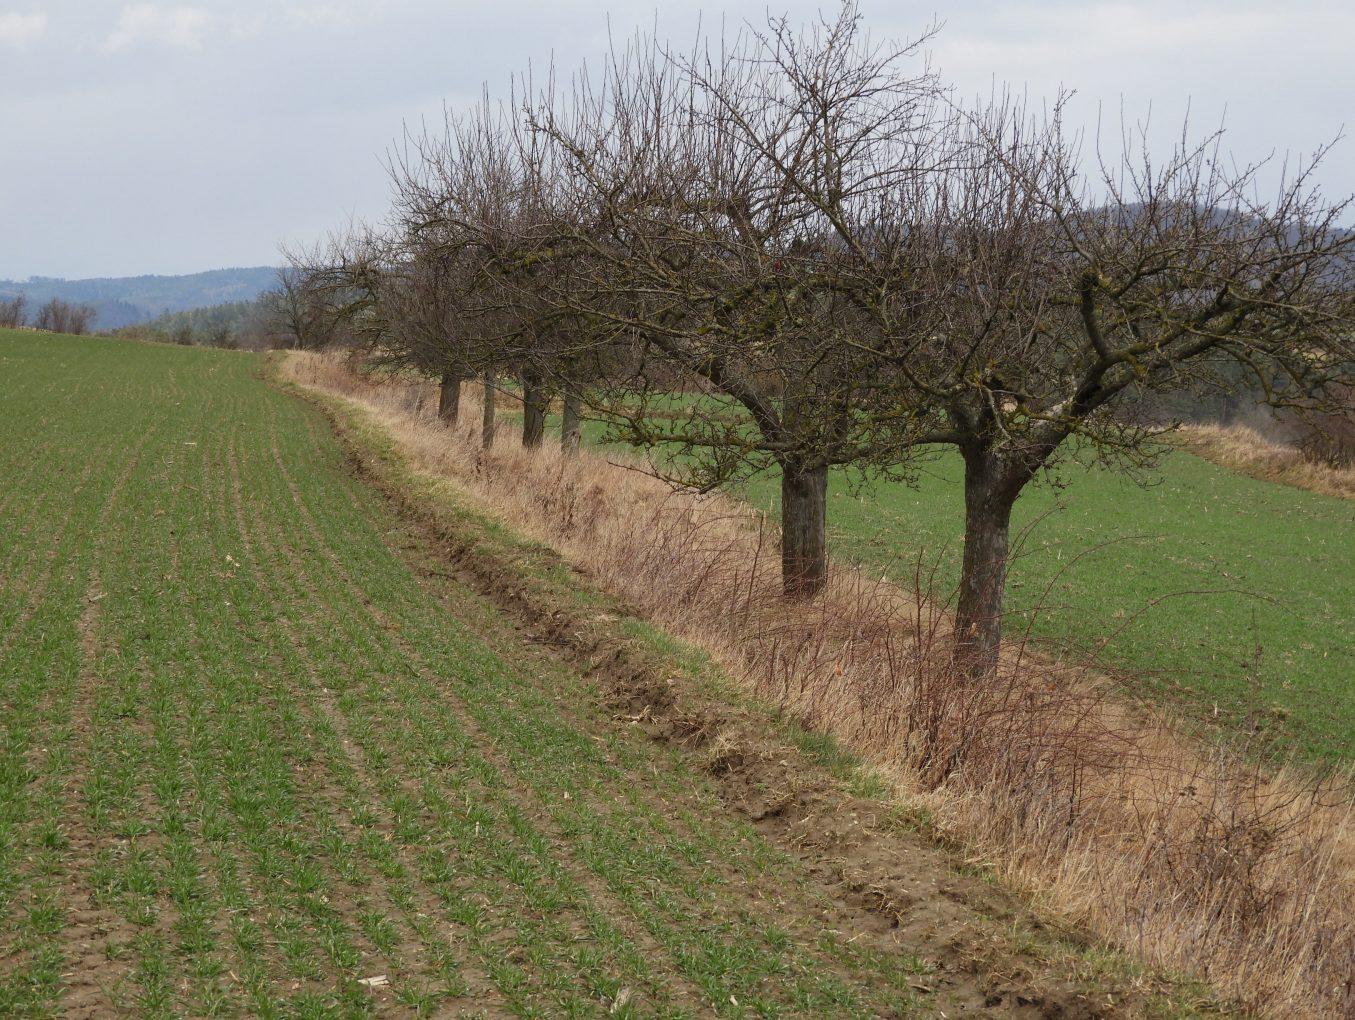 Obstbaumschnitt- und Veredelungskurse 2021 - jetzt anmelden!